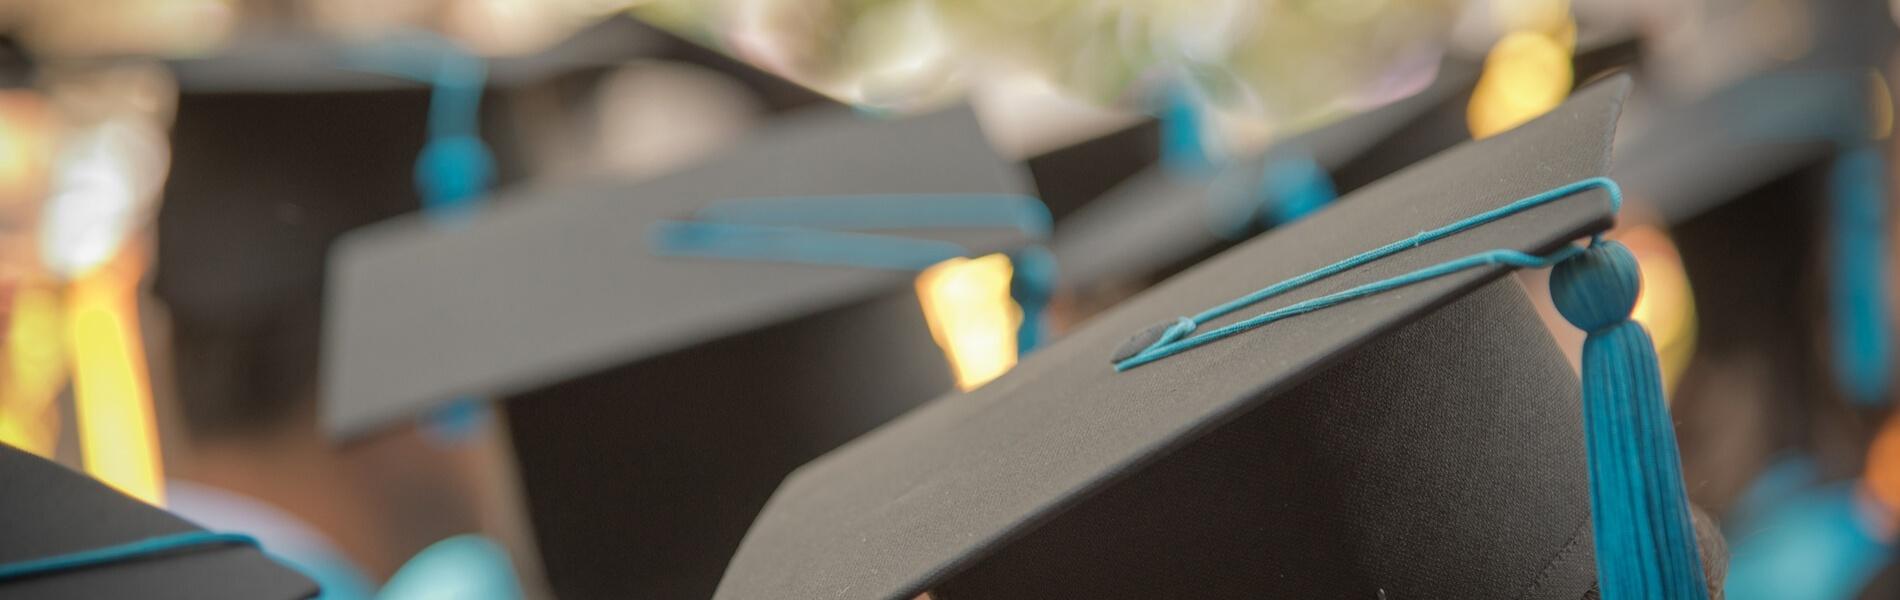 manufacturing-graduate-scheme-banner.jpg